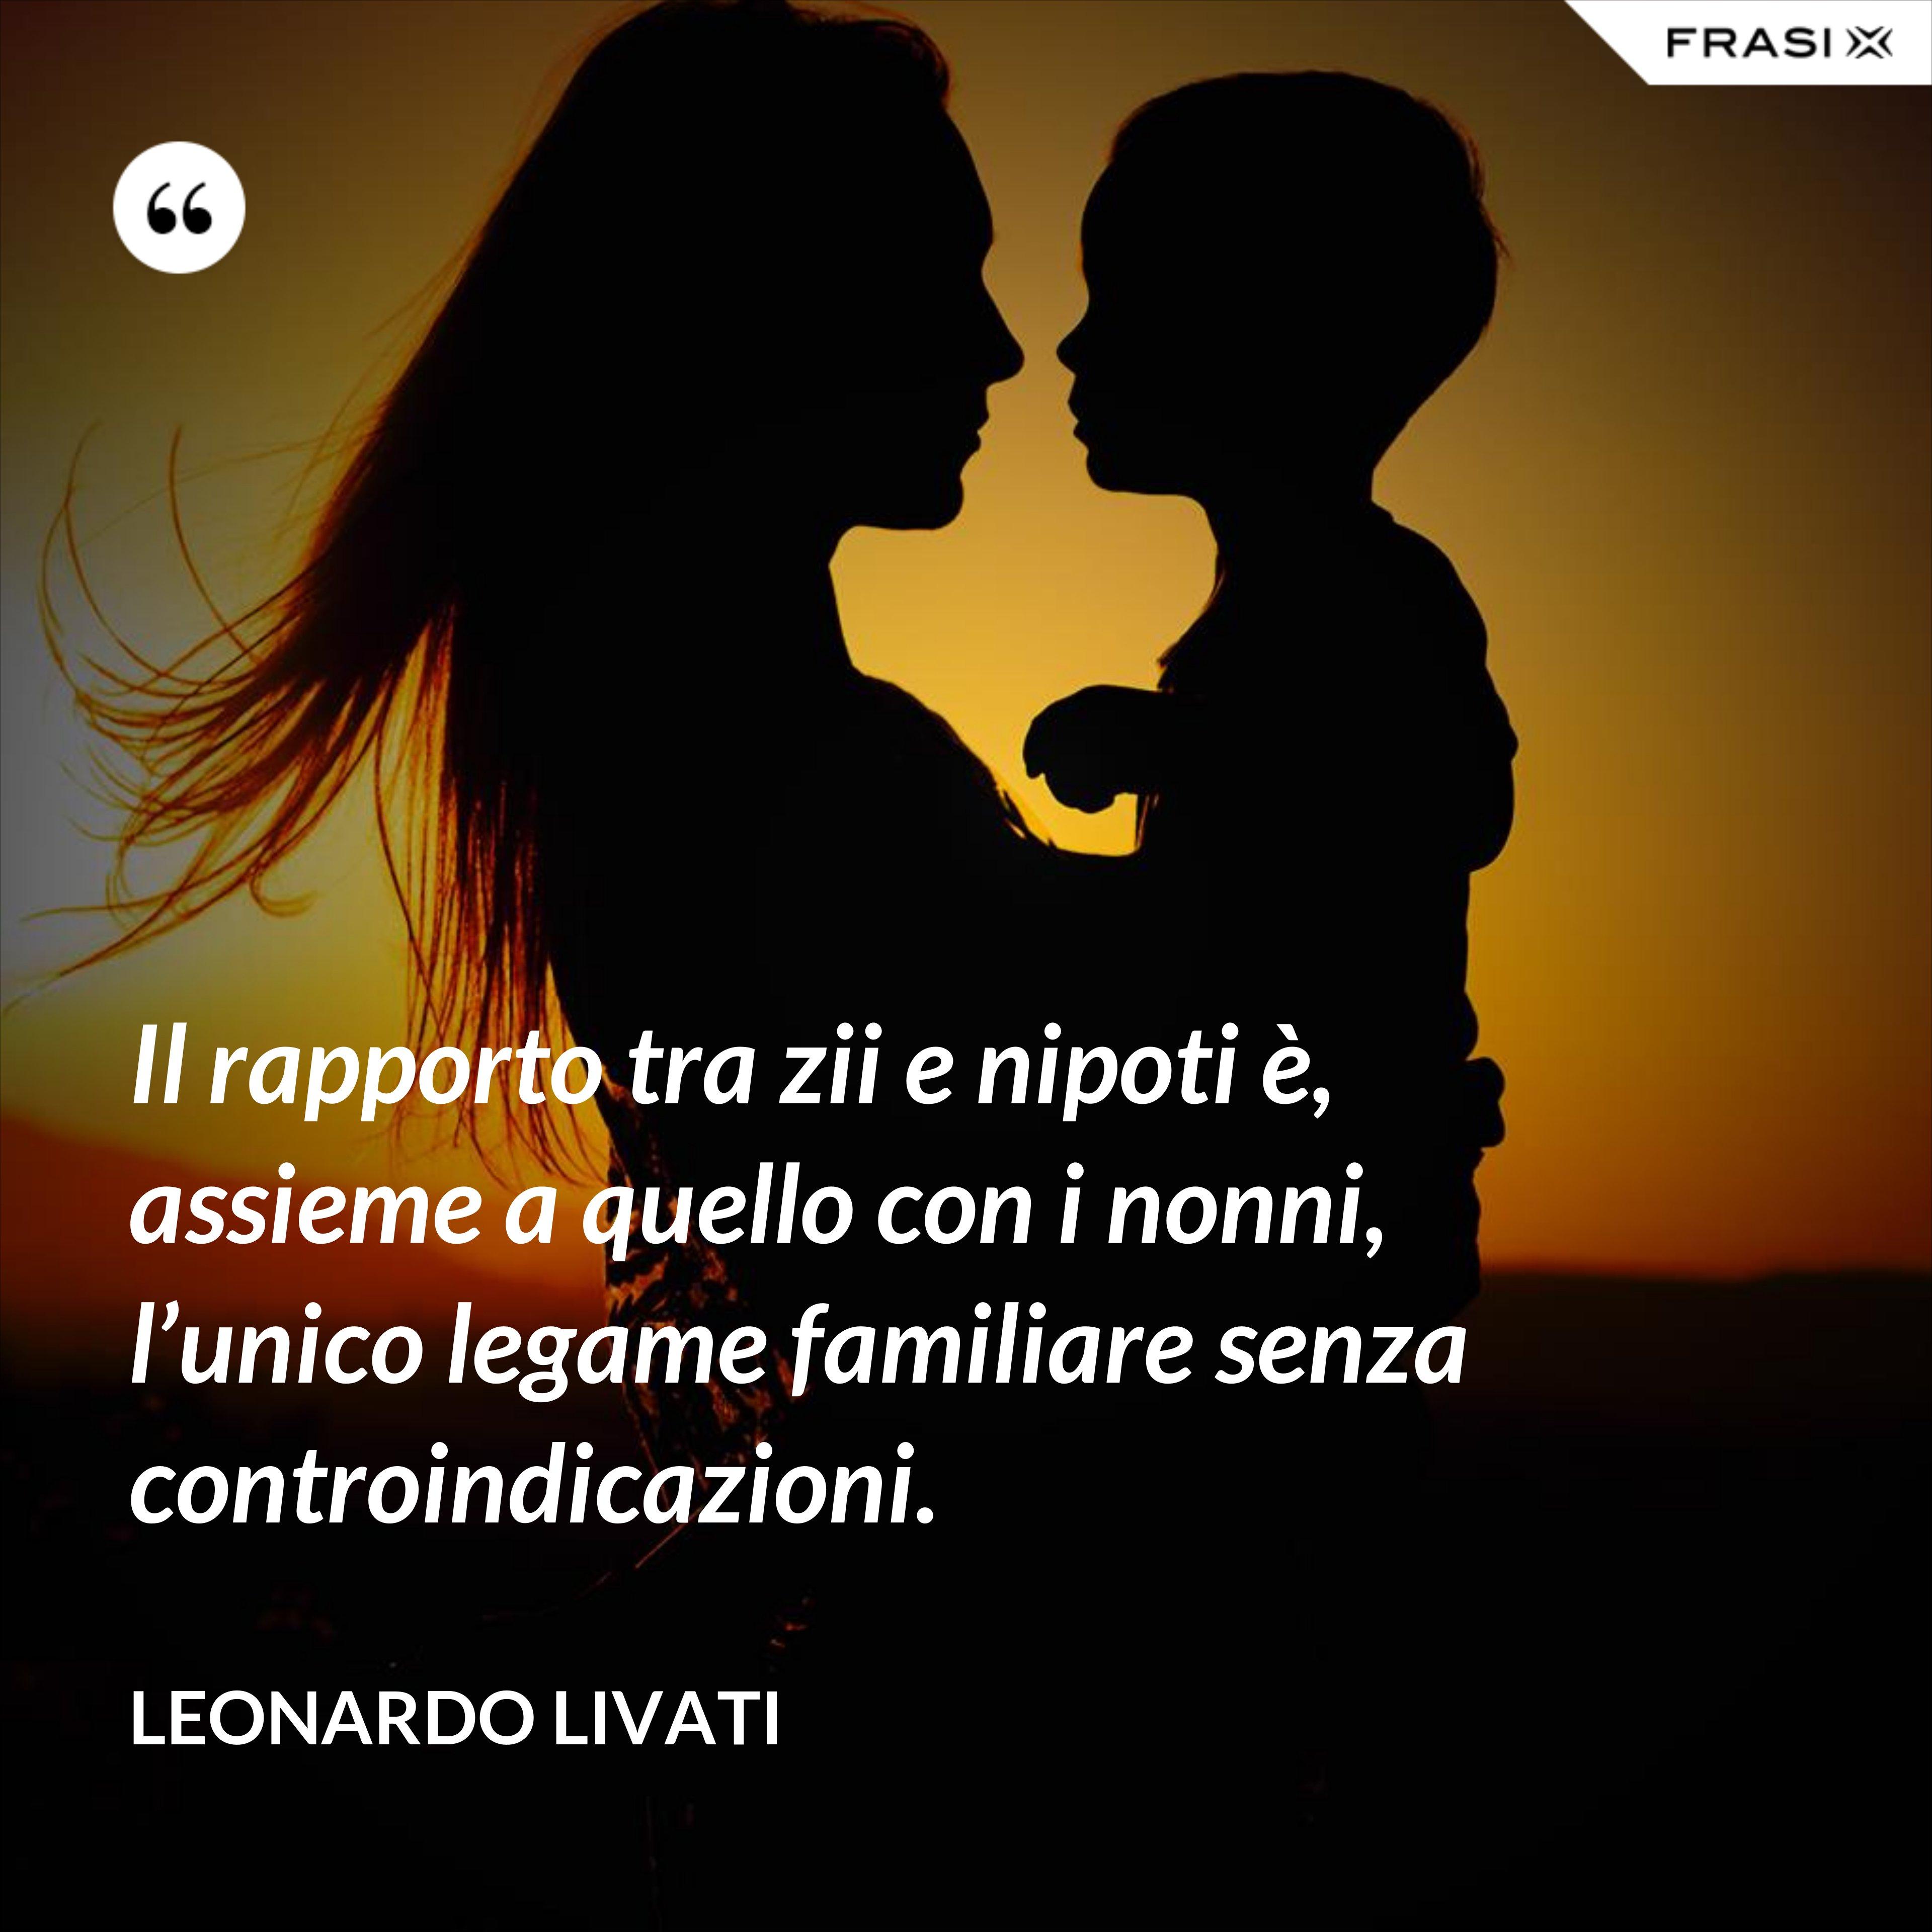 Il rapporto tra zii e nipoti è, assieme a quello con i nonni, l'unico legame familiare senza controindicazioni. - Leonardo Livati